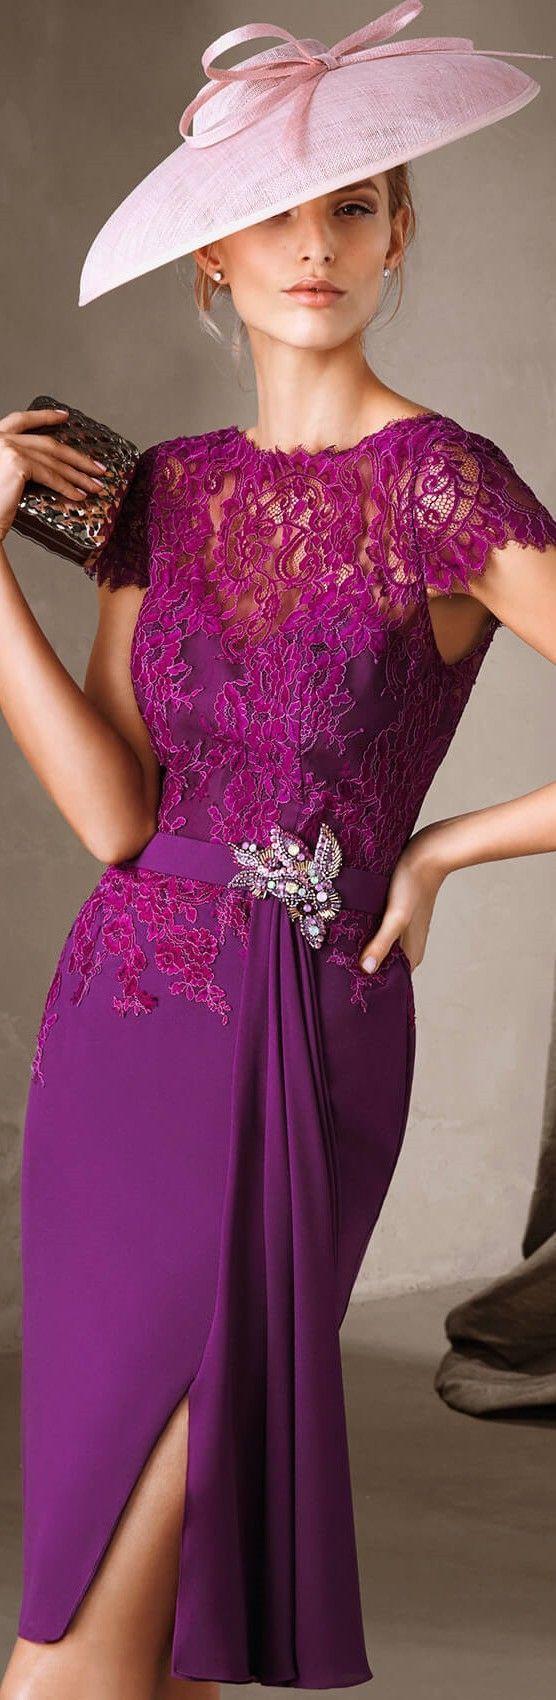 Pin de mluisa g g en vestidos invitados | Pinterest | Vestiditos ...